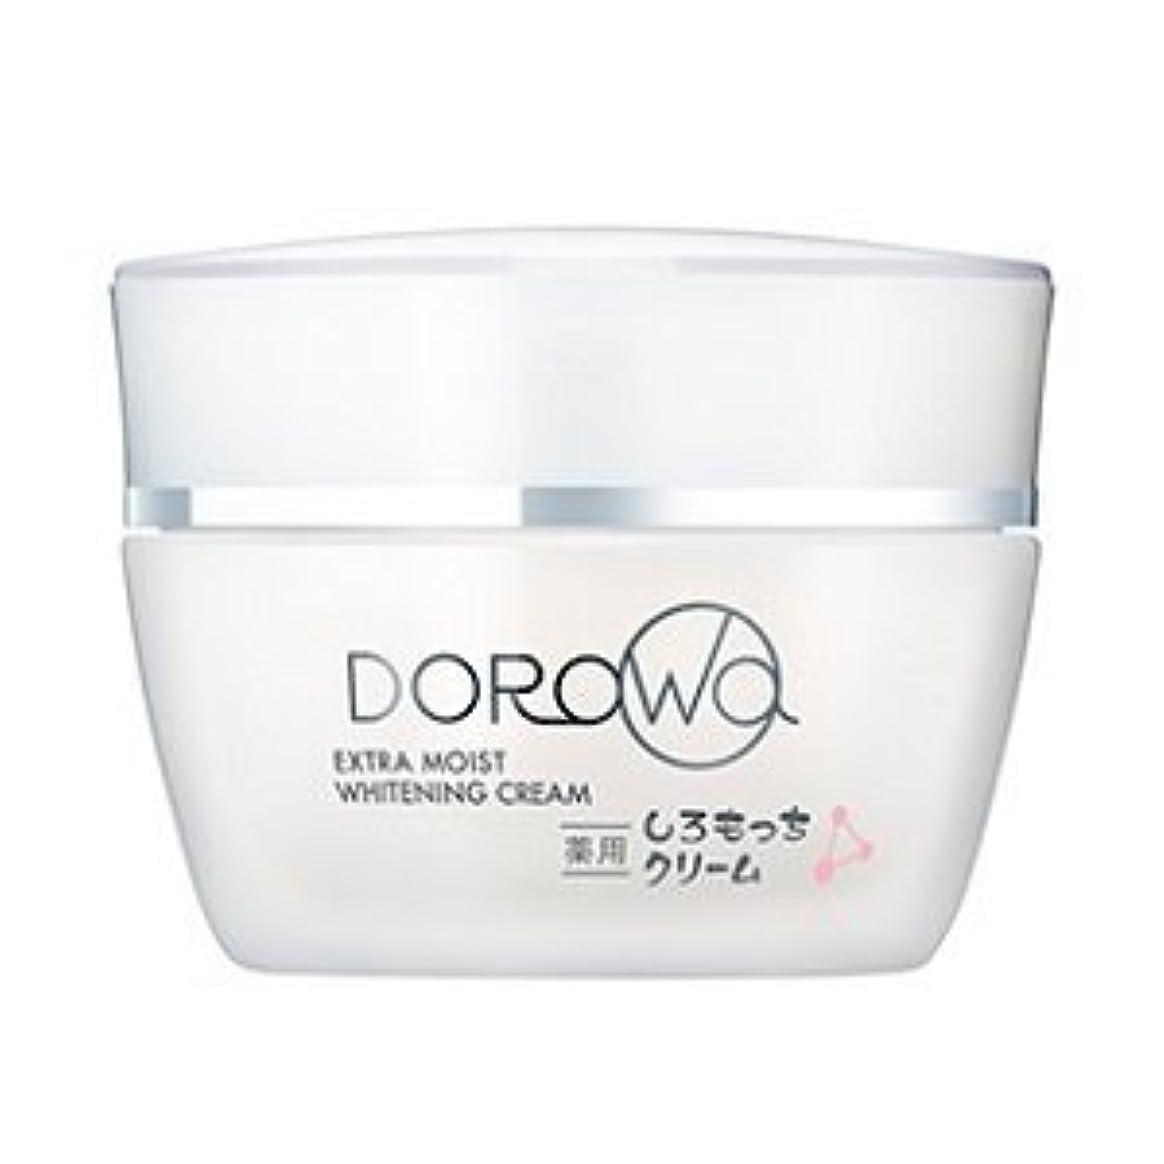 マスタード上級スワップ健康コーポレーション DOROwa 薬用 しろもっちクリーム 60g